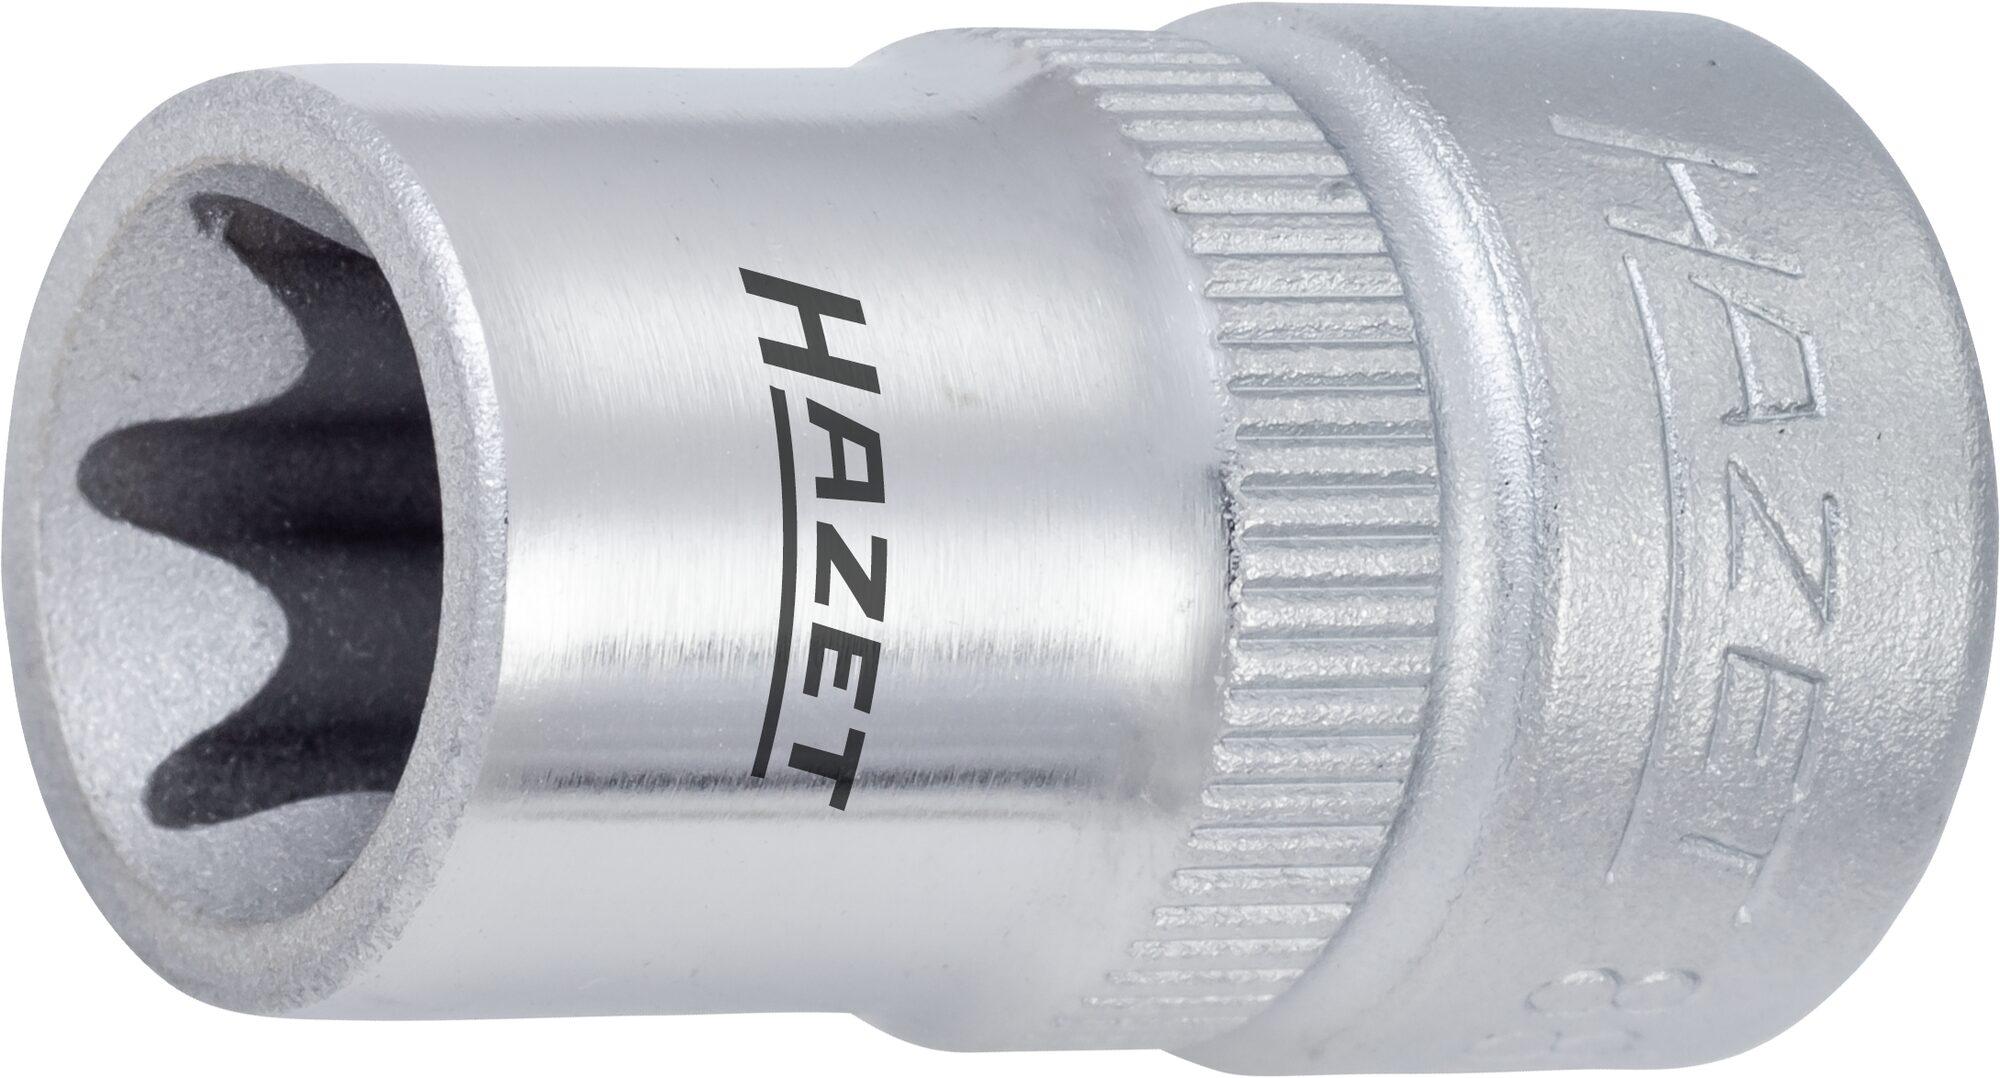 HAZET Steckschlüsseleinsatz TORX® 880-E5 ∙ Vierkant hohl 10 mm (3/8 Zoll) ∙ Außen TORX® Profil ∙ E5